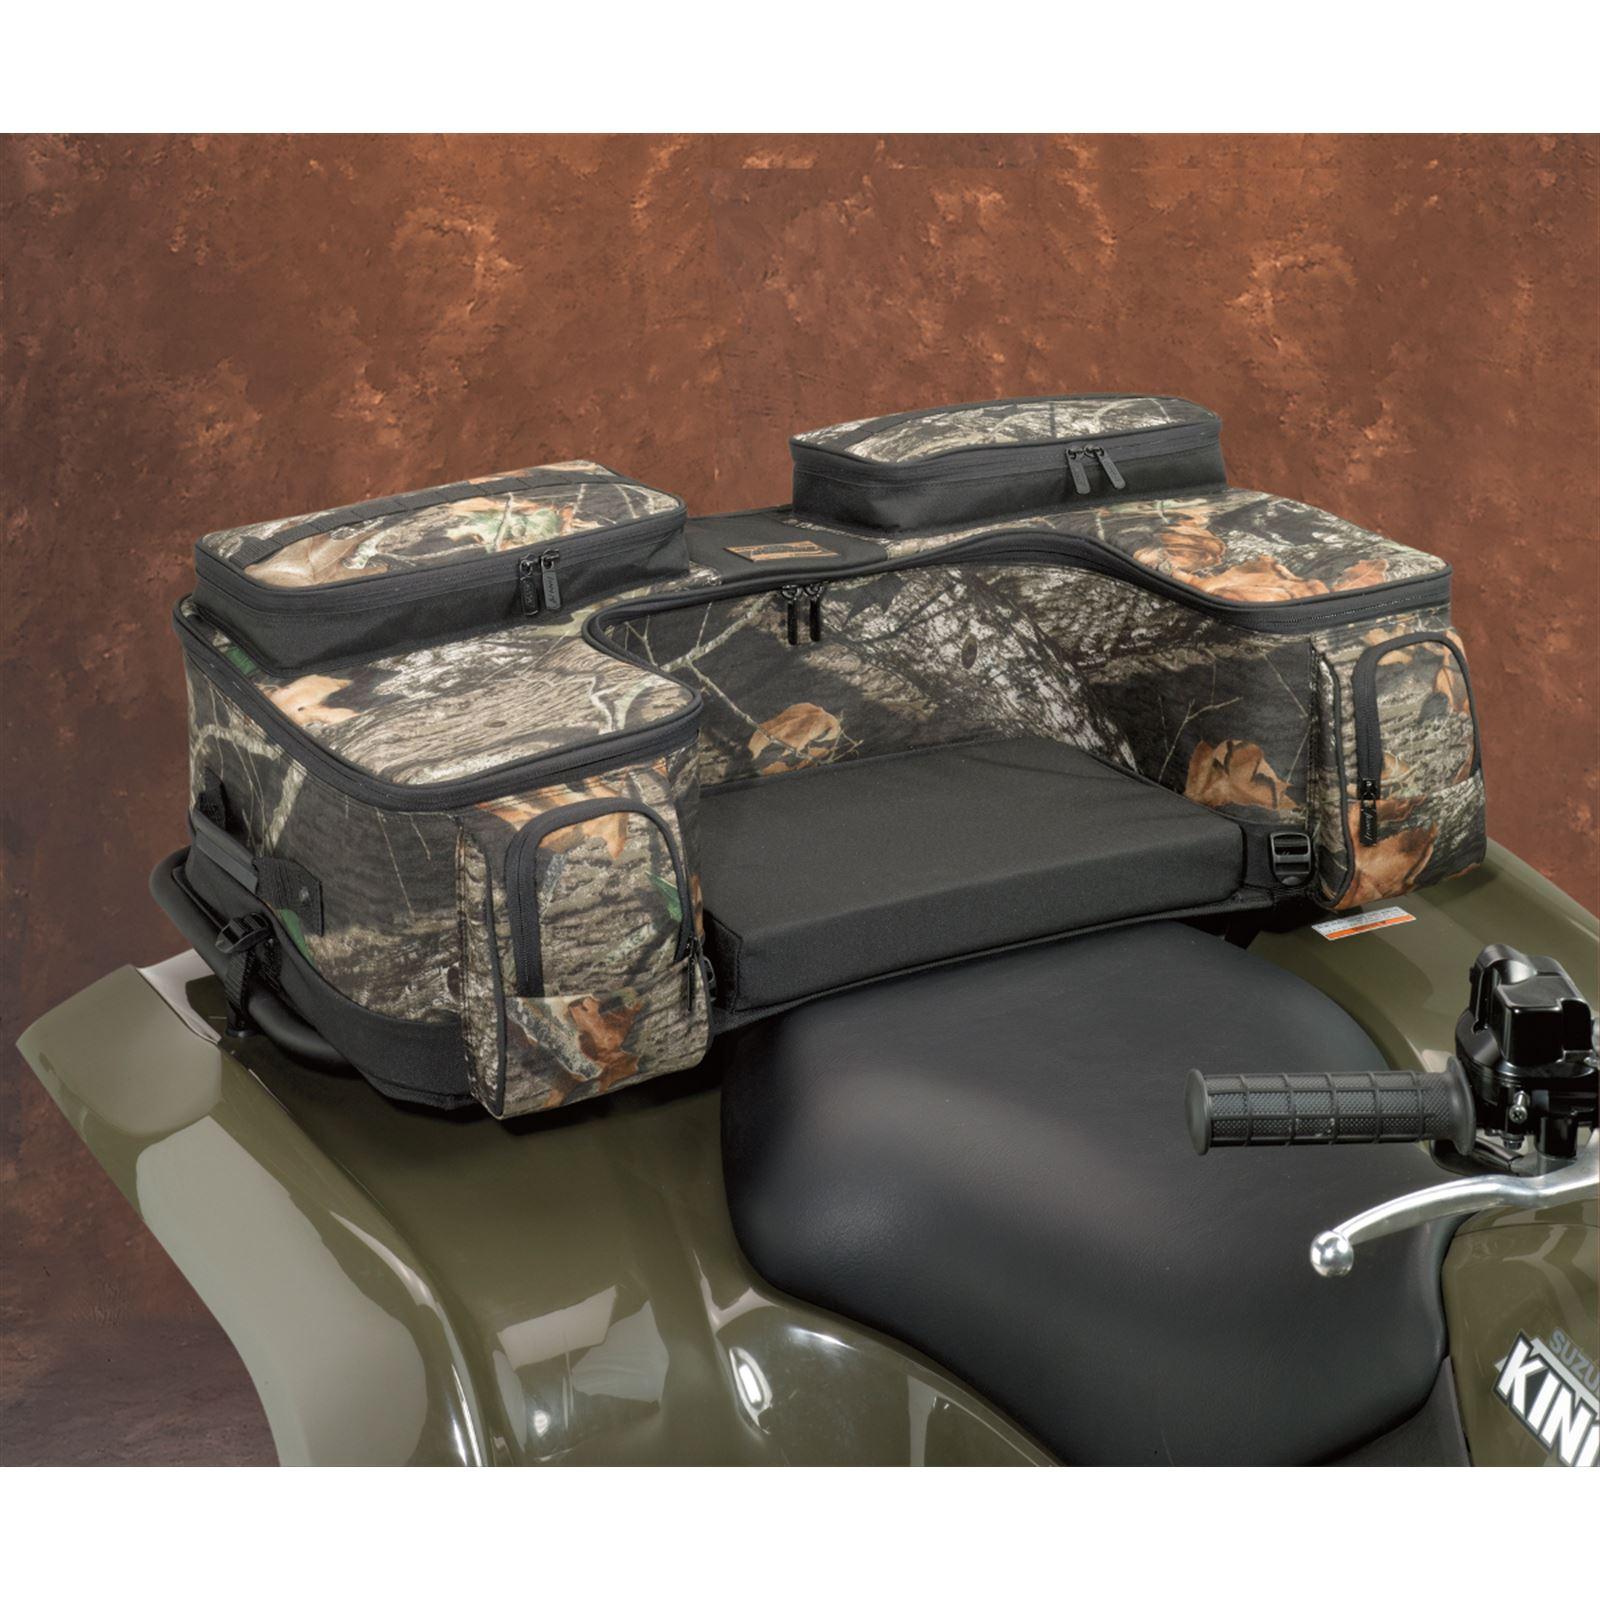 Moose Ozark Rear Rack Bag - Mossy Oak Break-Up